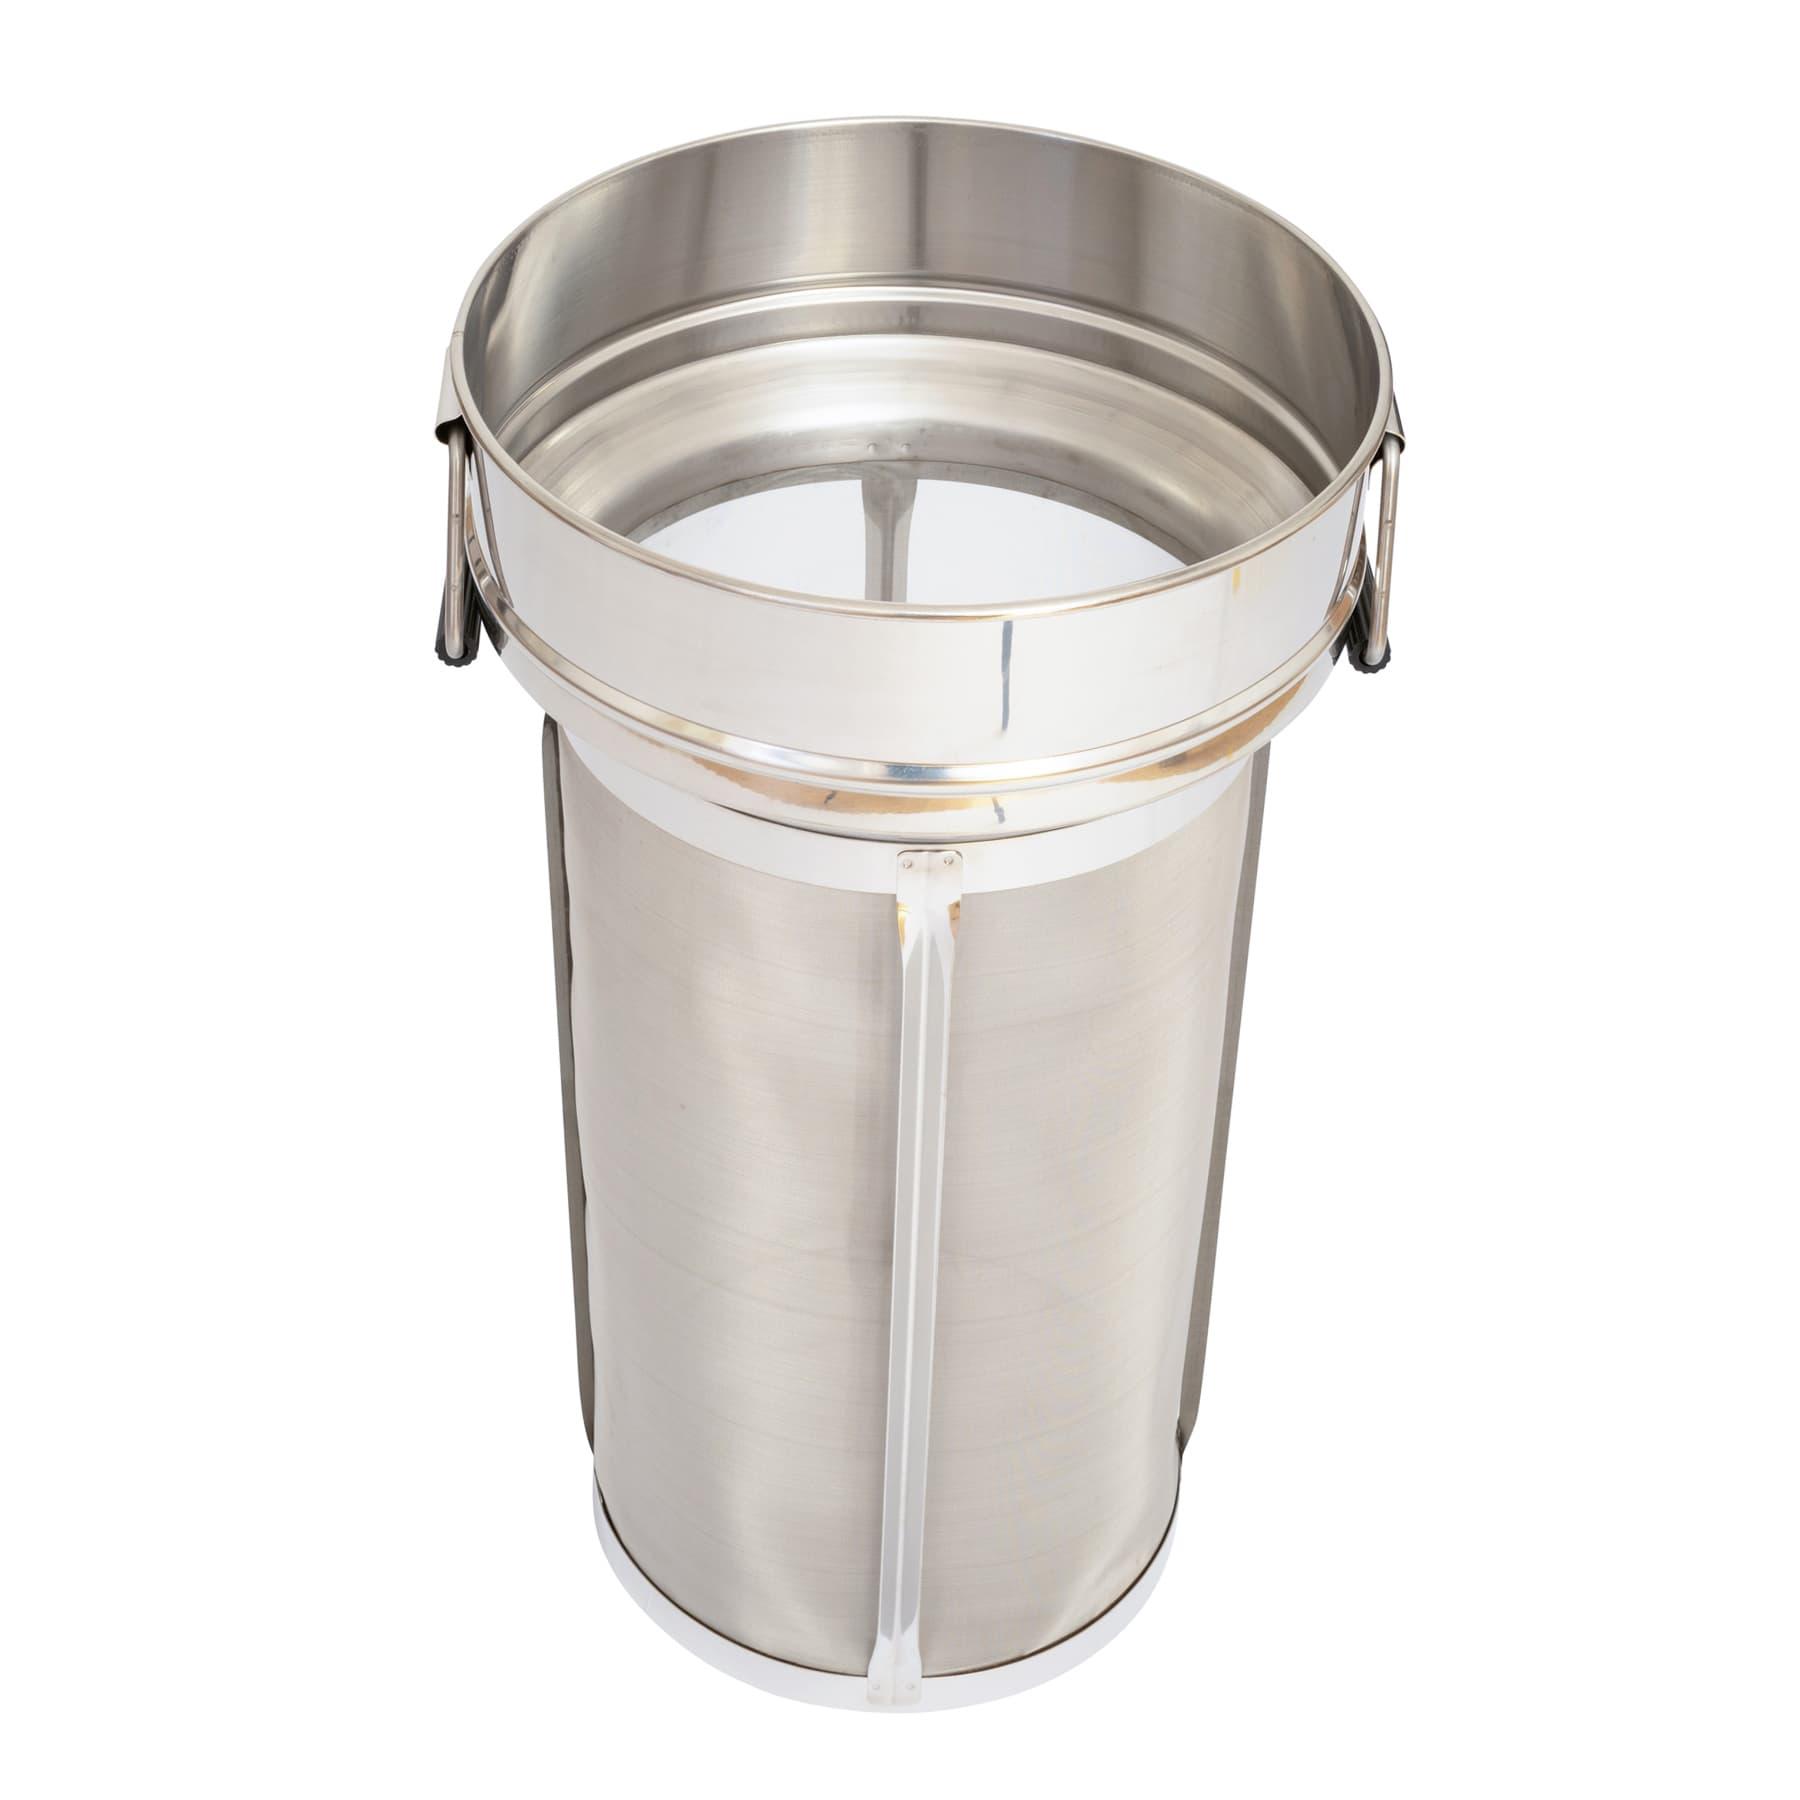 Zylindersieb / Feinfiltersieb zylindrisch aus Edelstahl mit Klappgriff für 50 kg Abfüllbehälter mit Abstellrost, Original Siegerland